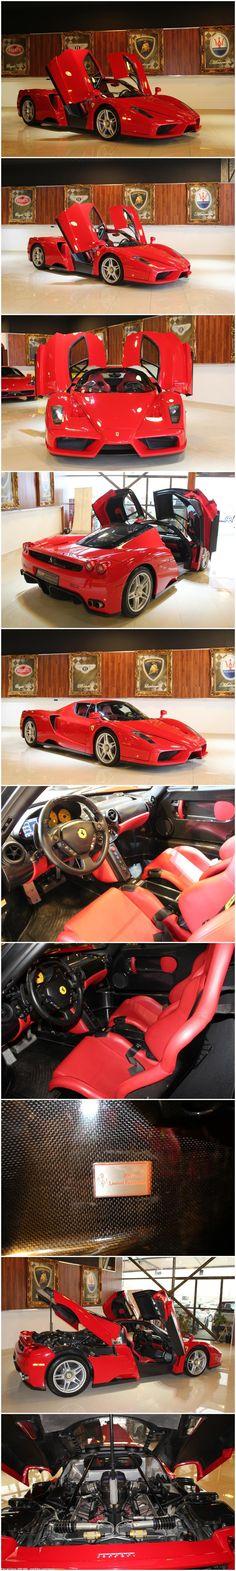 Ferrari Enzo 399 @ côngtycứudữliệutrầnsang http://cuudulieutransang.wix.com/trangchu